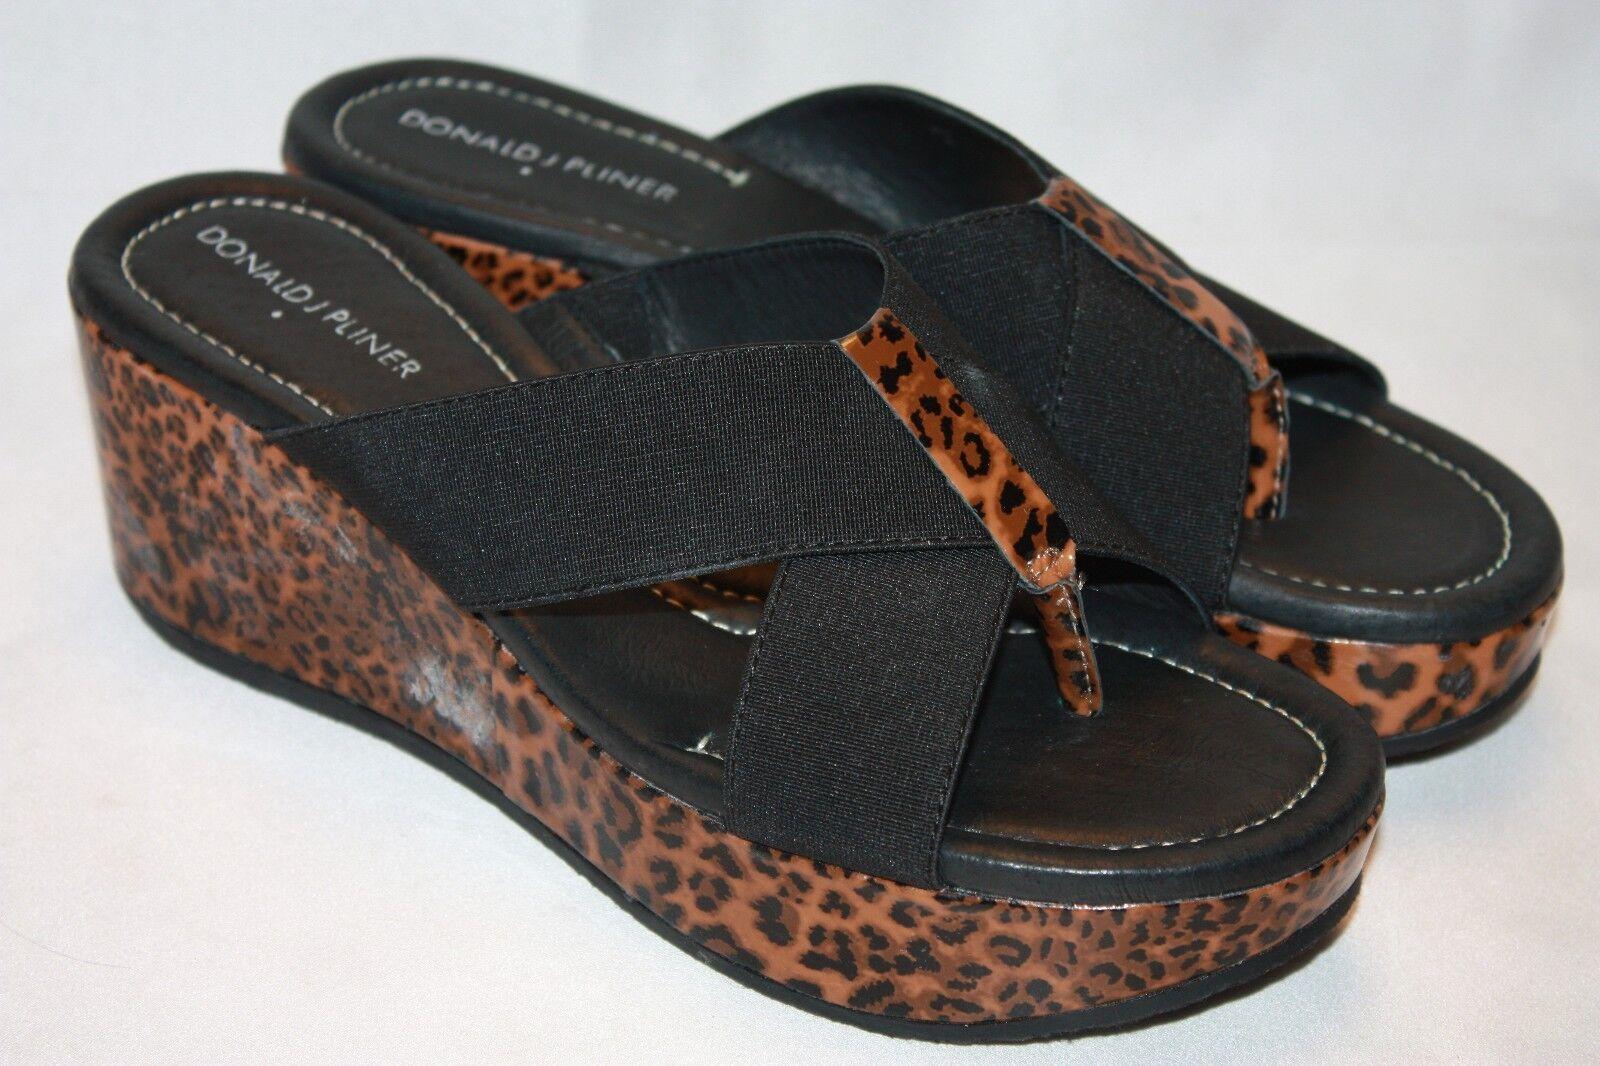 nuevo  Donald J Pliner Leopardo Patente Negro Shina cuña de plataforma Sandalias 8 M